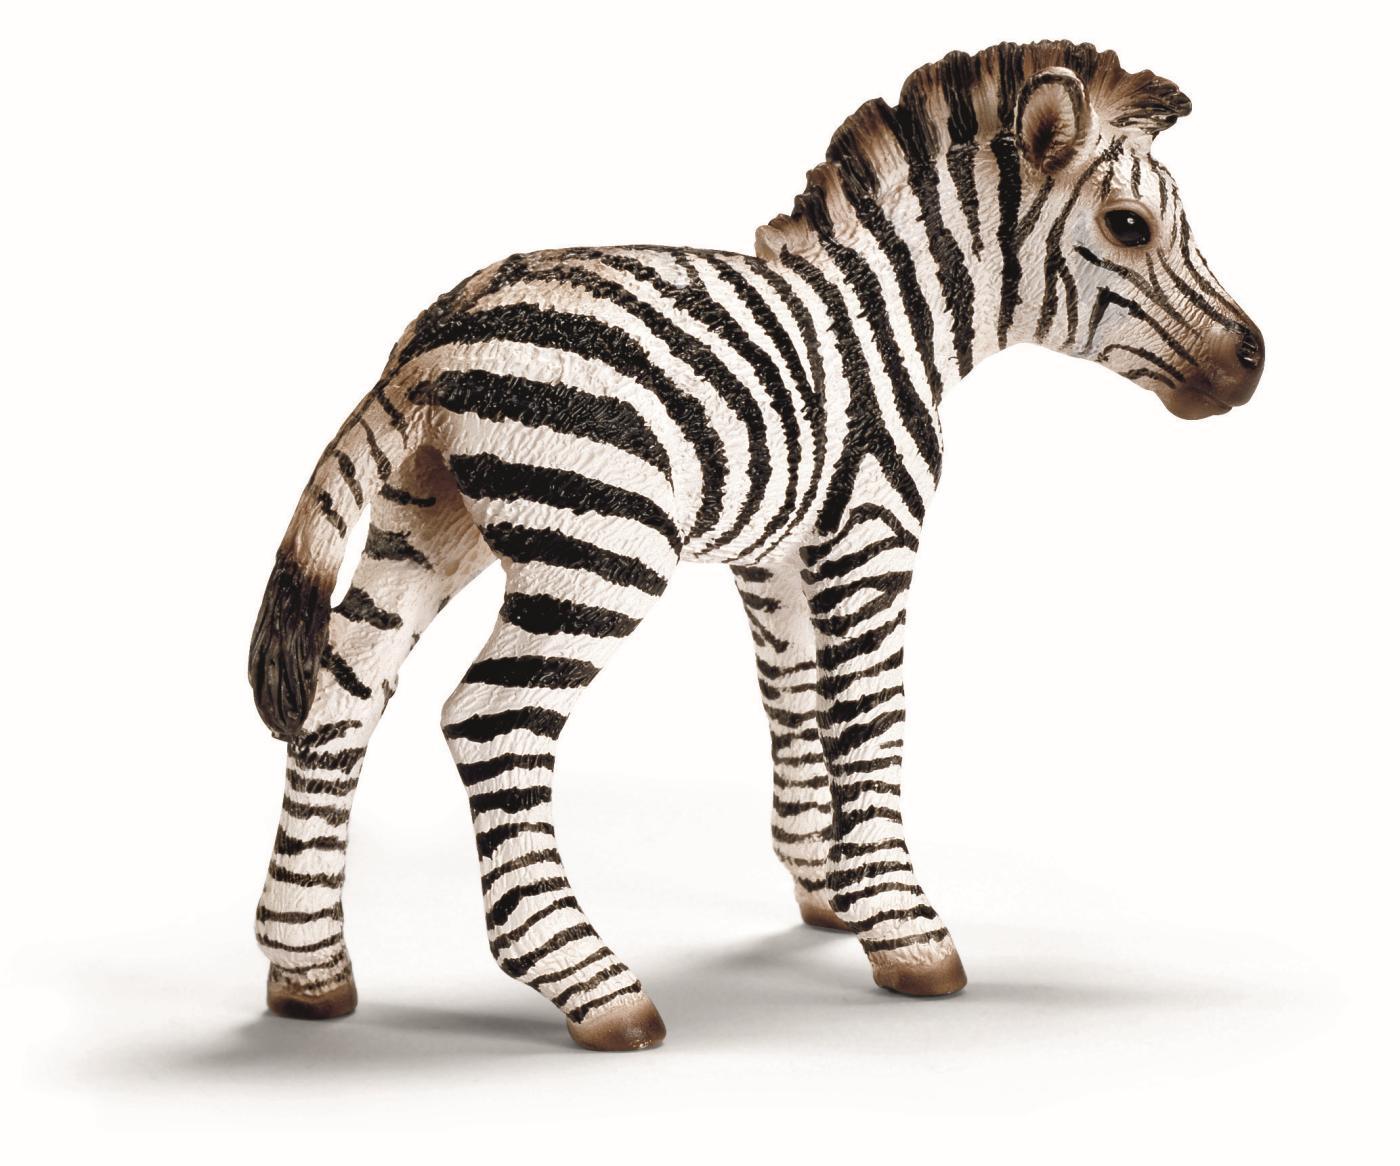 Schleich zebra foal animal figures at spielzeug